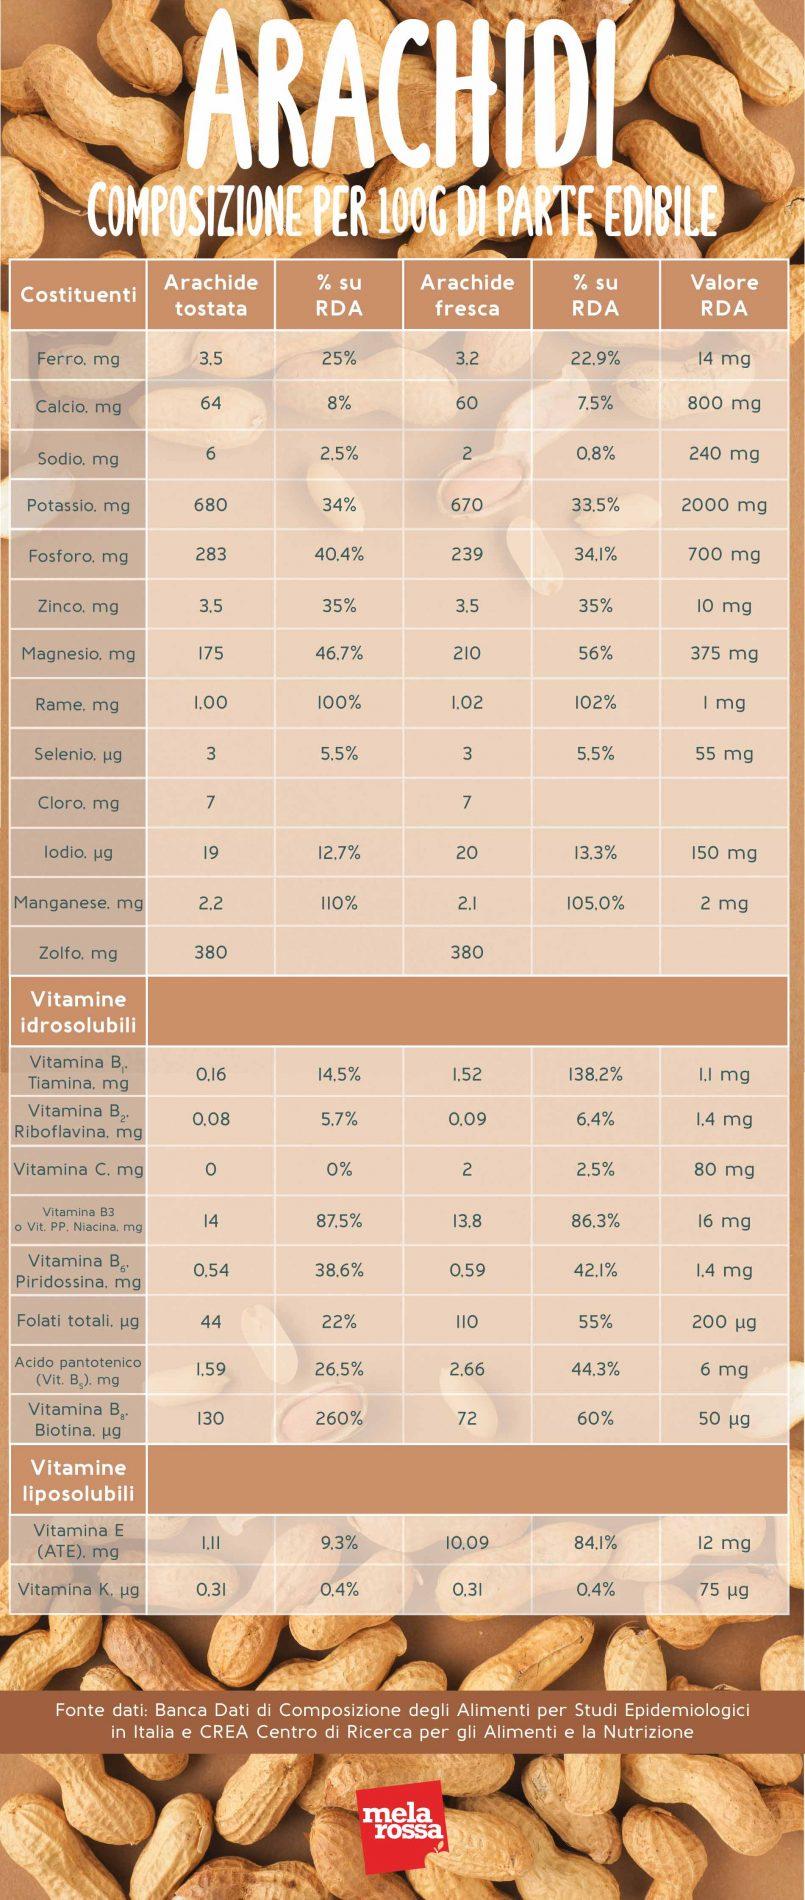 arachidi: valori nutrizionali